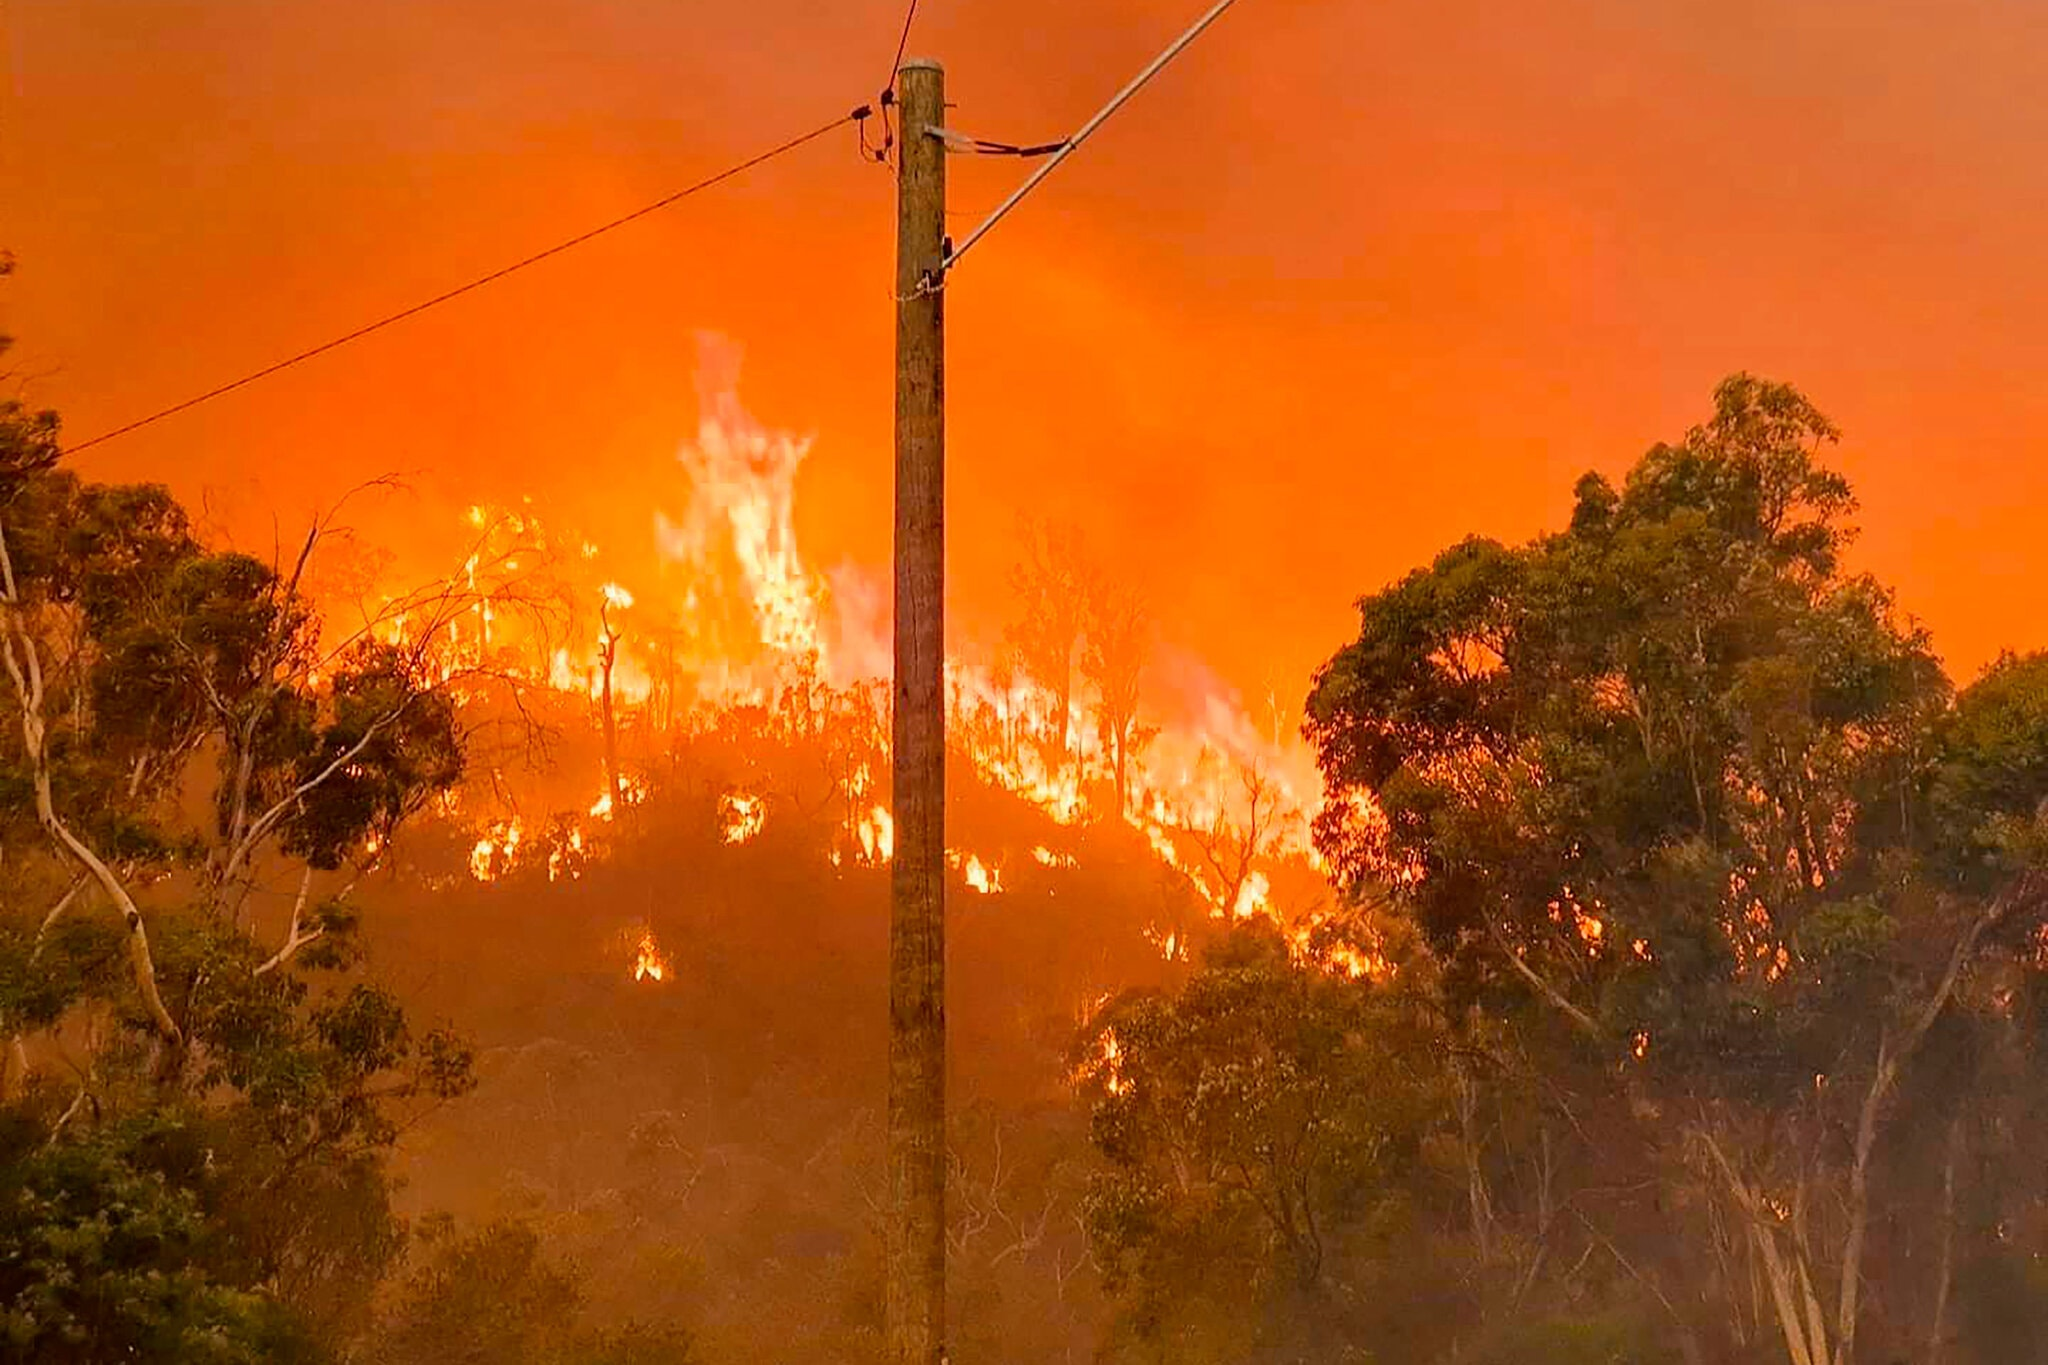 山火已经烧毁了至少71处房屋(美联社)